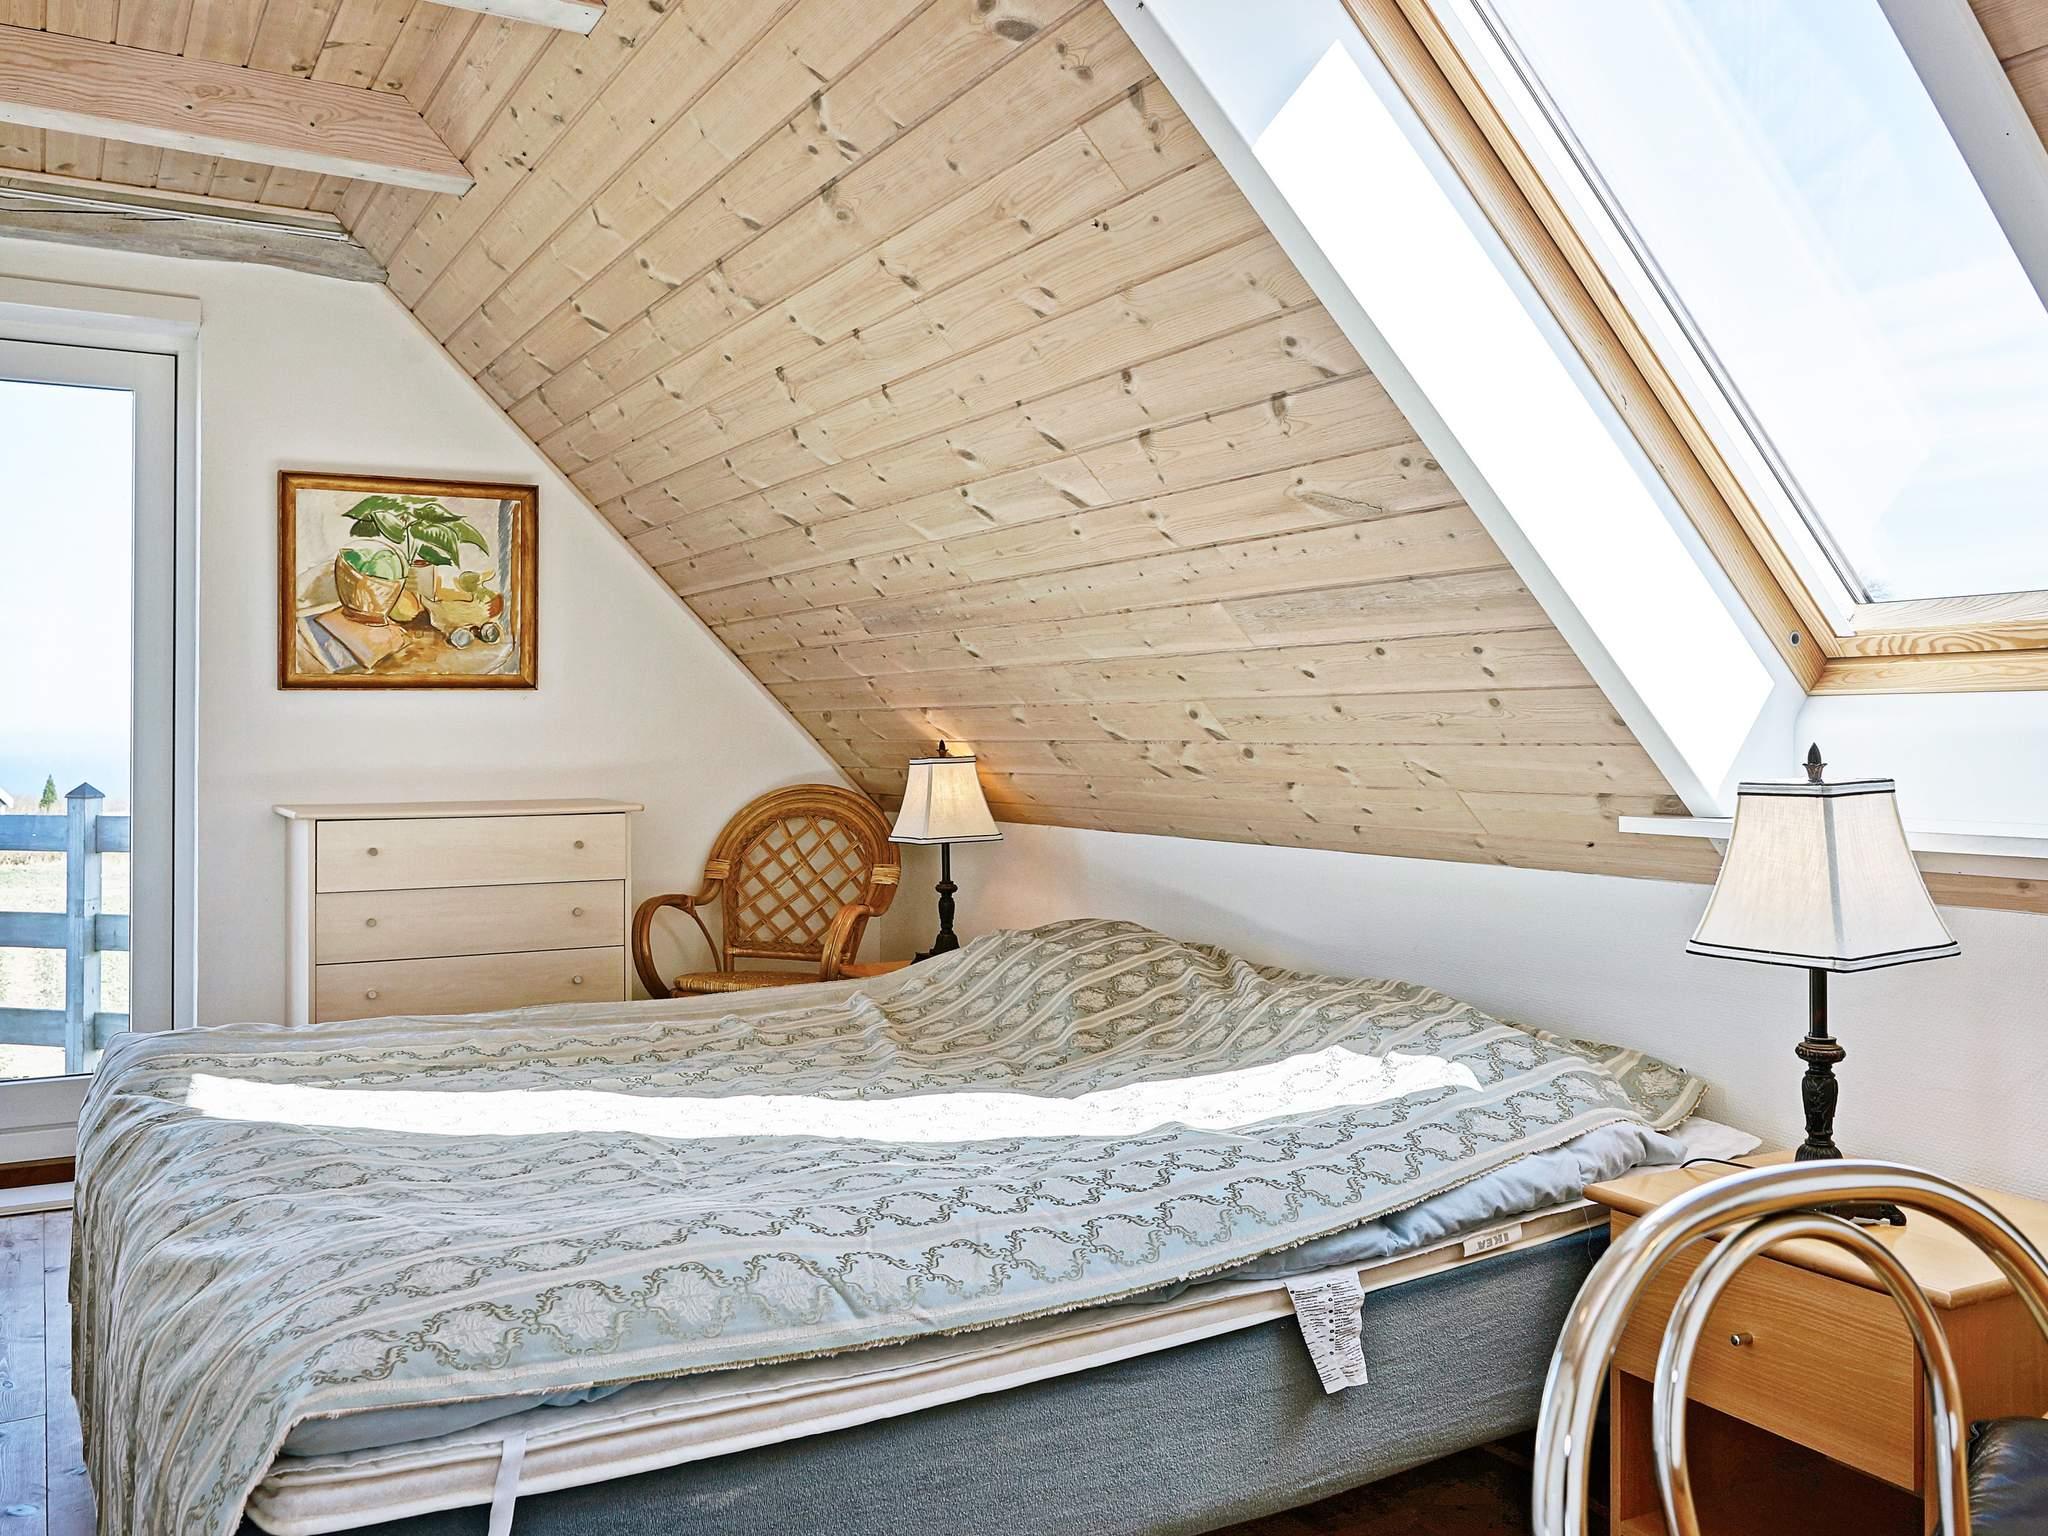 Ferienhaus Rø/Gudhjem (222105), Gudhjem, , Bornholm, Dänemark, Bild 10